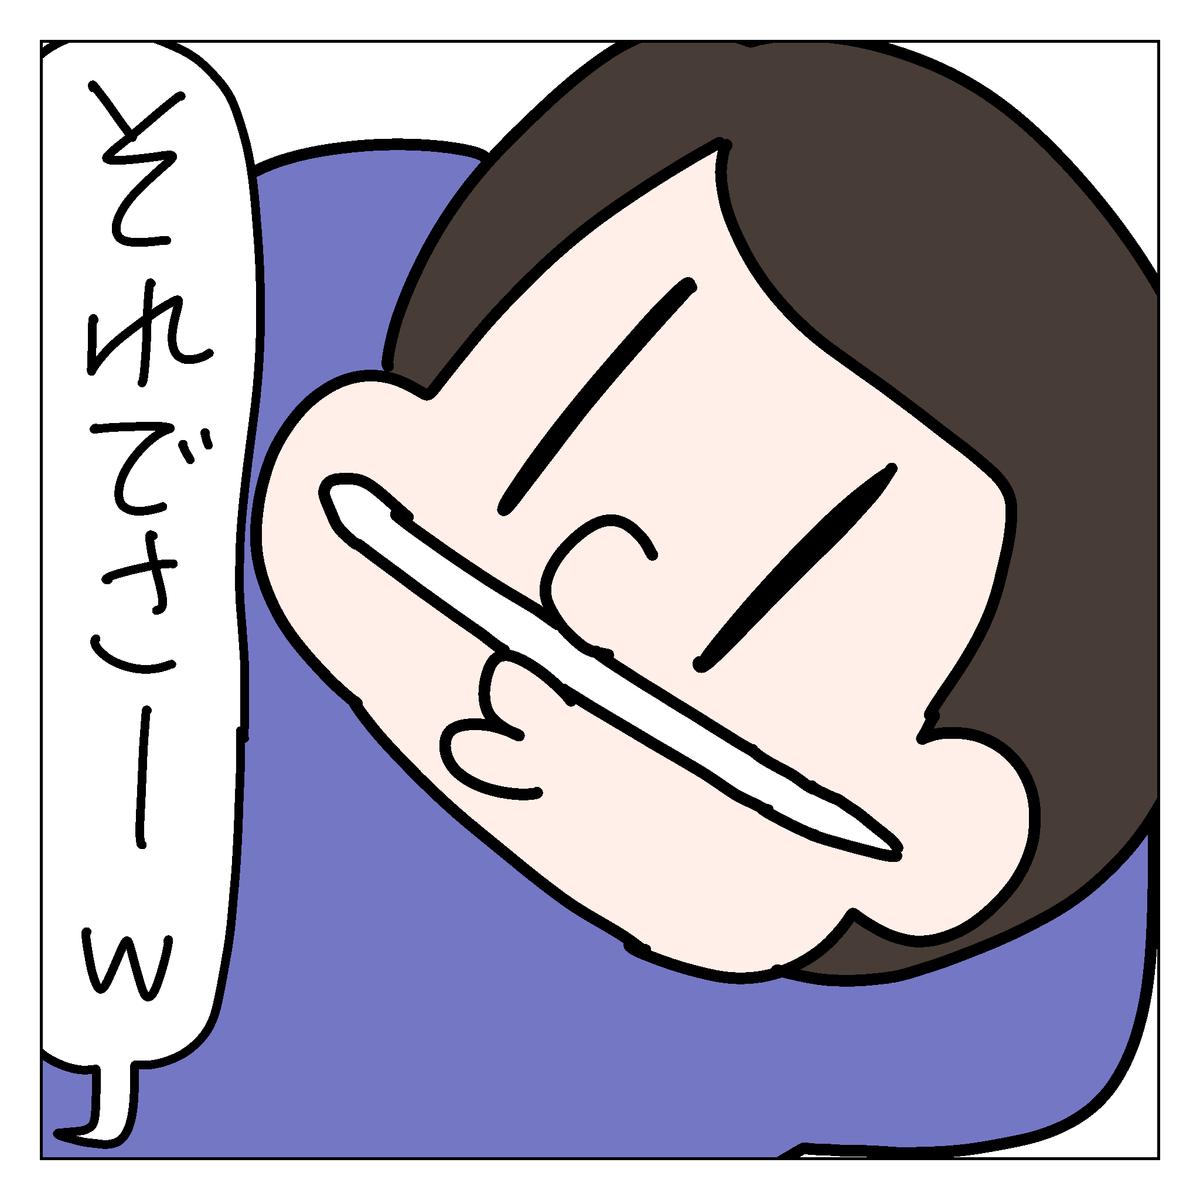 f:id:YuruFuwaTa:20200512102303p:plain